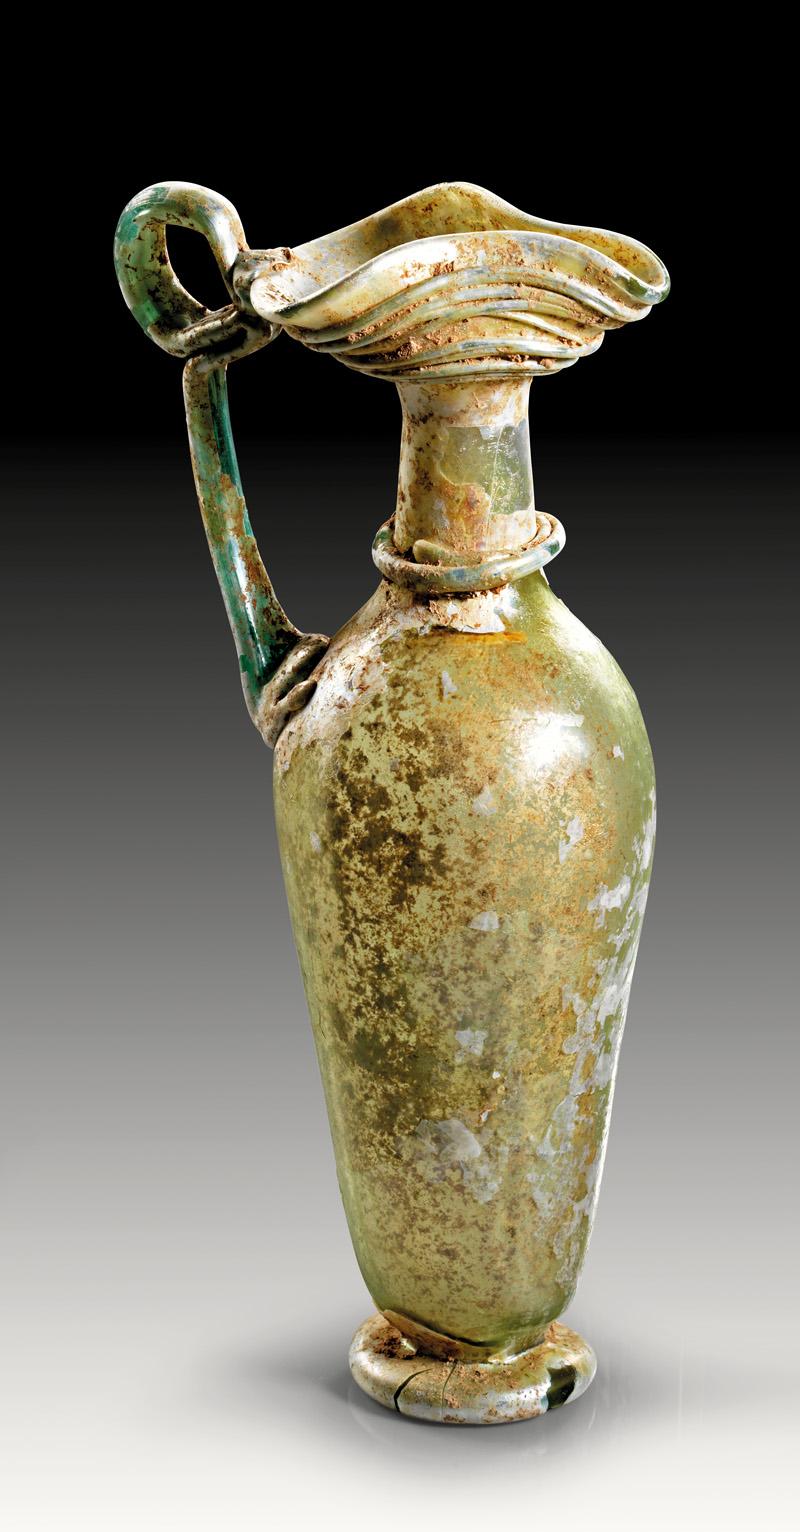 Lot 13 - objekte aus glas  -  Gerhard Hirsch Nachfolger Auktion 335 Antike Kunstobjekte